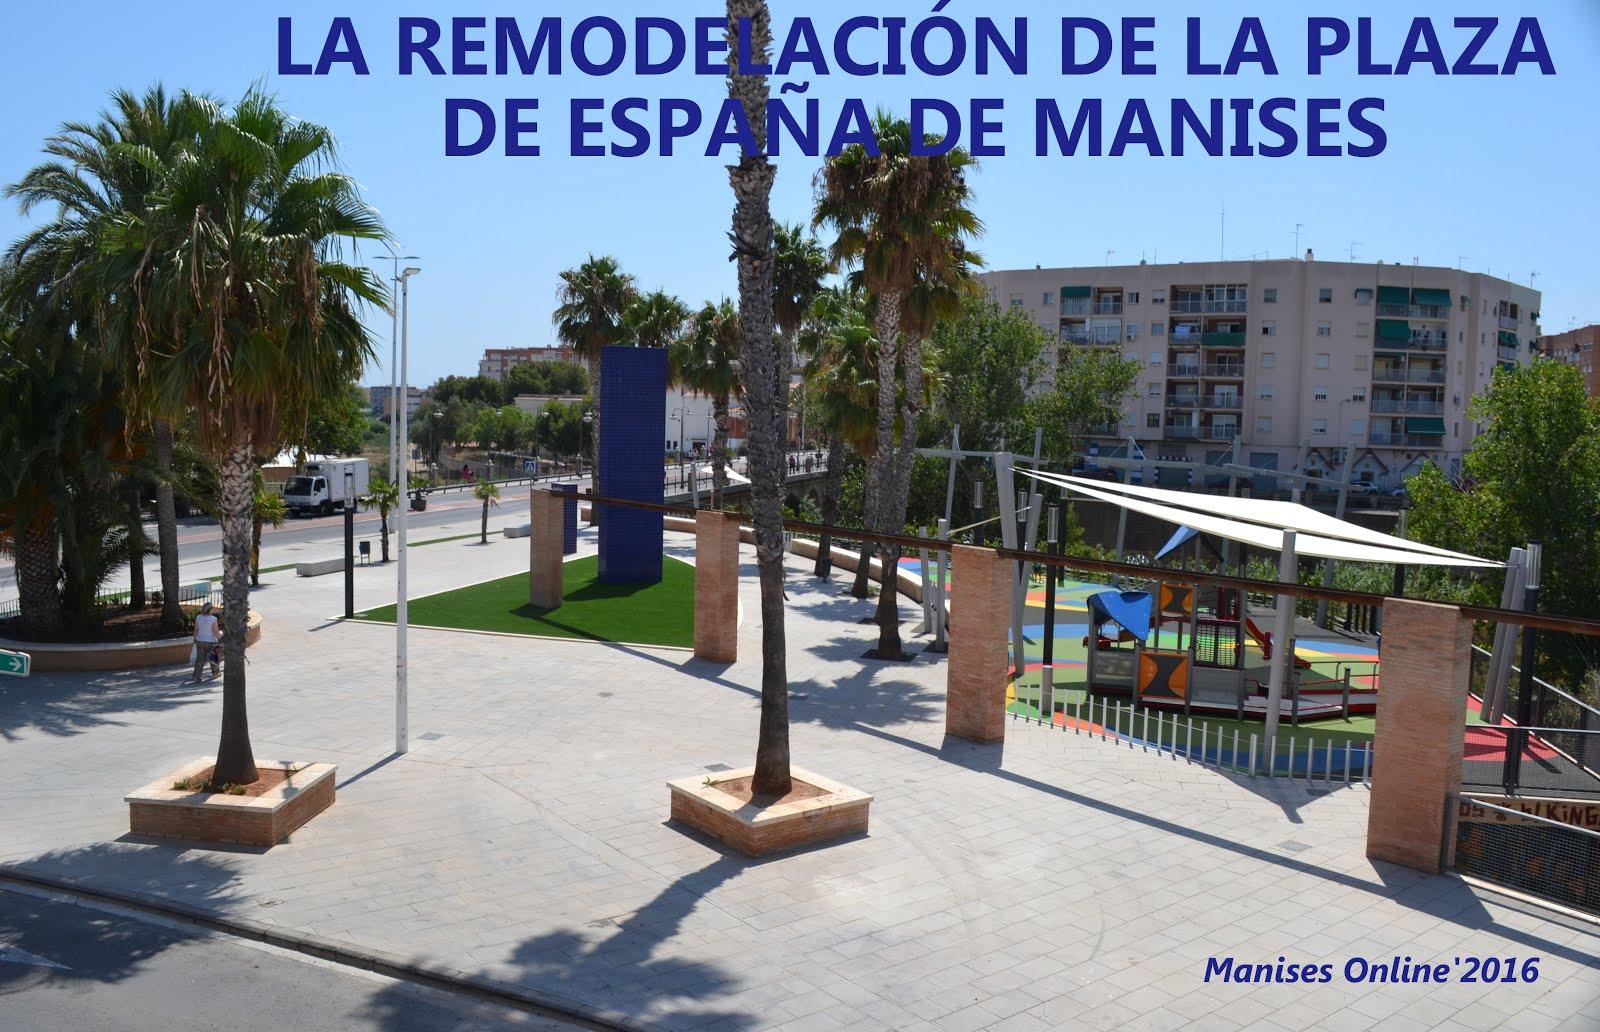 13.10.16 LA PLAÇA D'ESPANYA DE MANISES, ACTUALMENT.